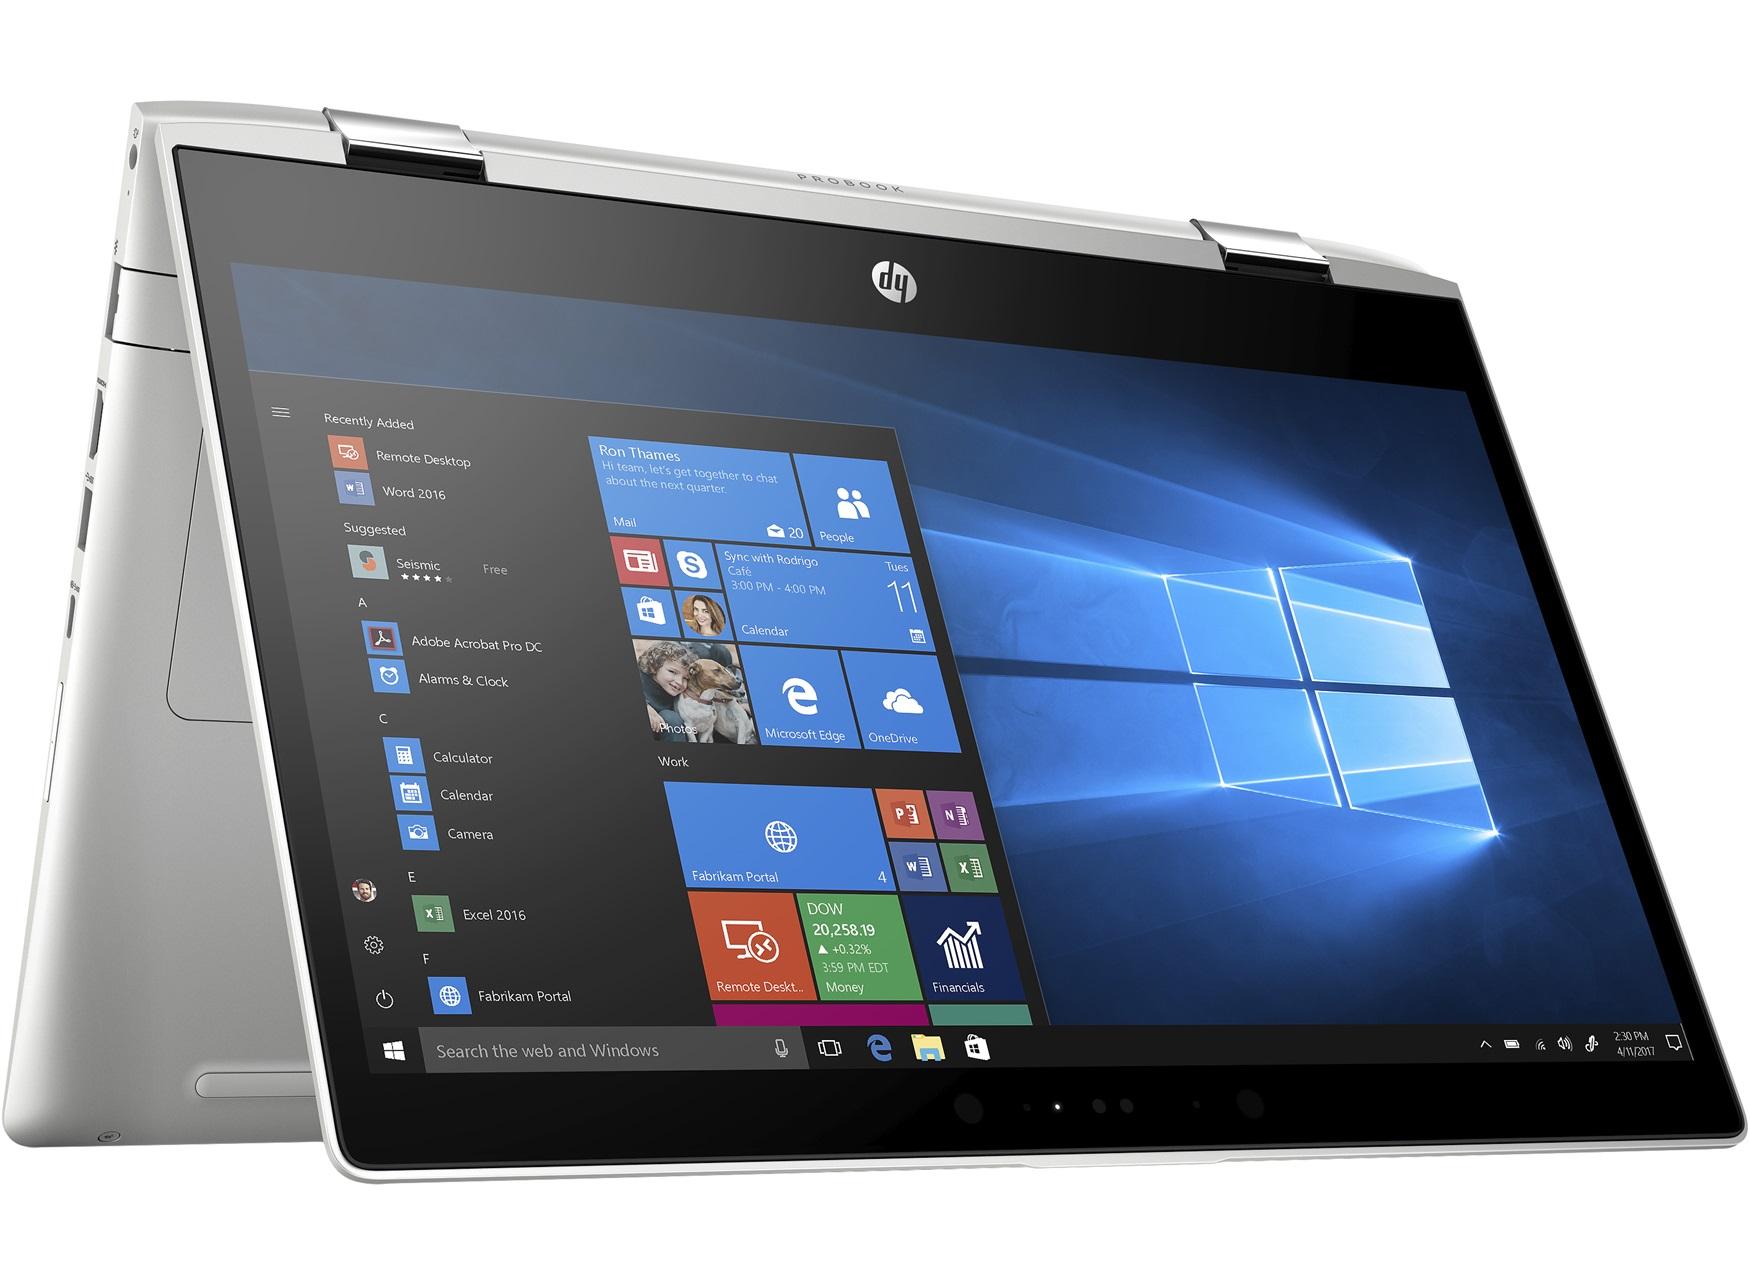 LaptopHP ProBook x360 440jest przede wszystkim niewielki i lekki, a to sprawia, że będzie się go nie tyle łatwo obsługiwało w trybie tabletu, ale także łatwo będzie z nim podróżować